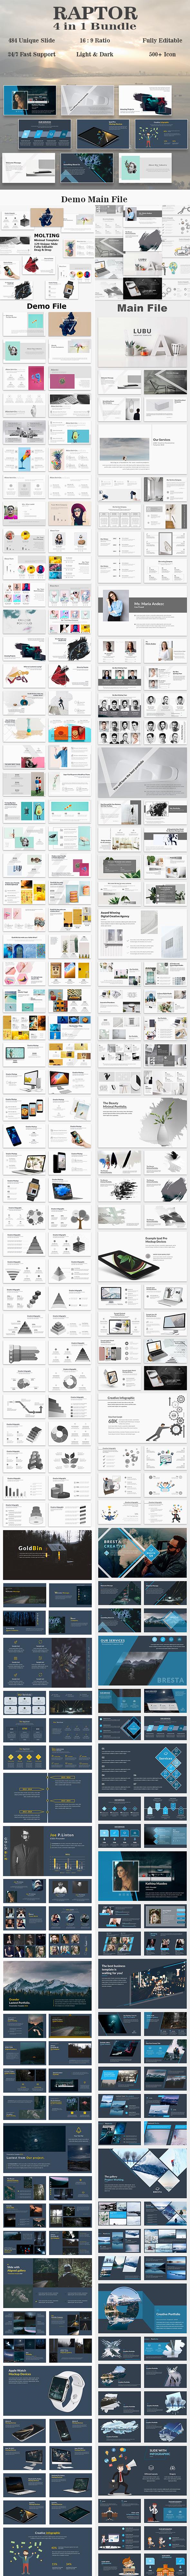 Raptor Bundle 4 in 1 Minimal Google Slide Template - Google Slides Presentation Templates